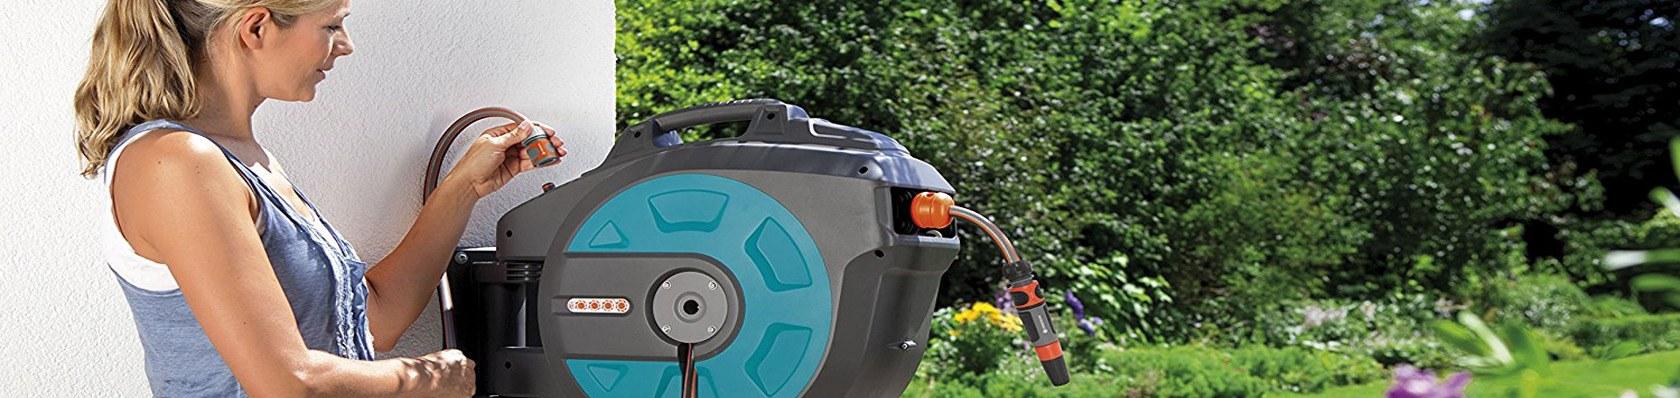 Gartenschläuche im Test auf ExpertenTesten.de